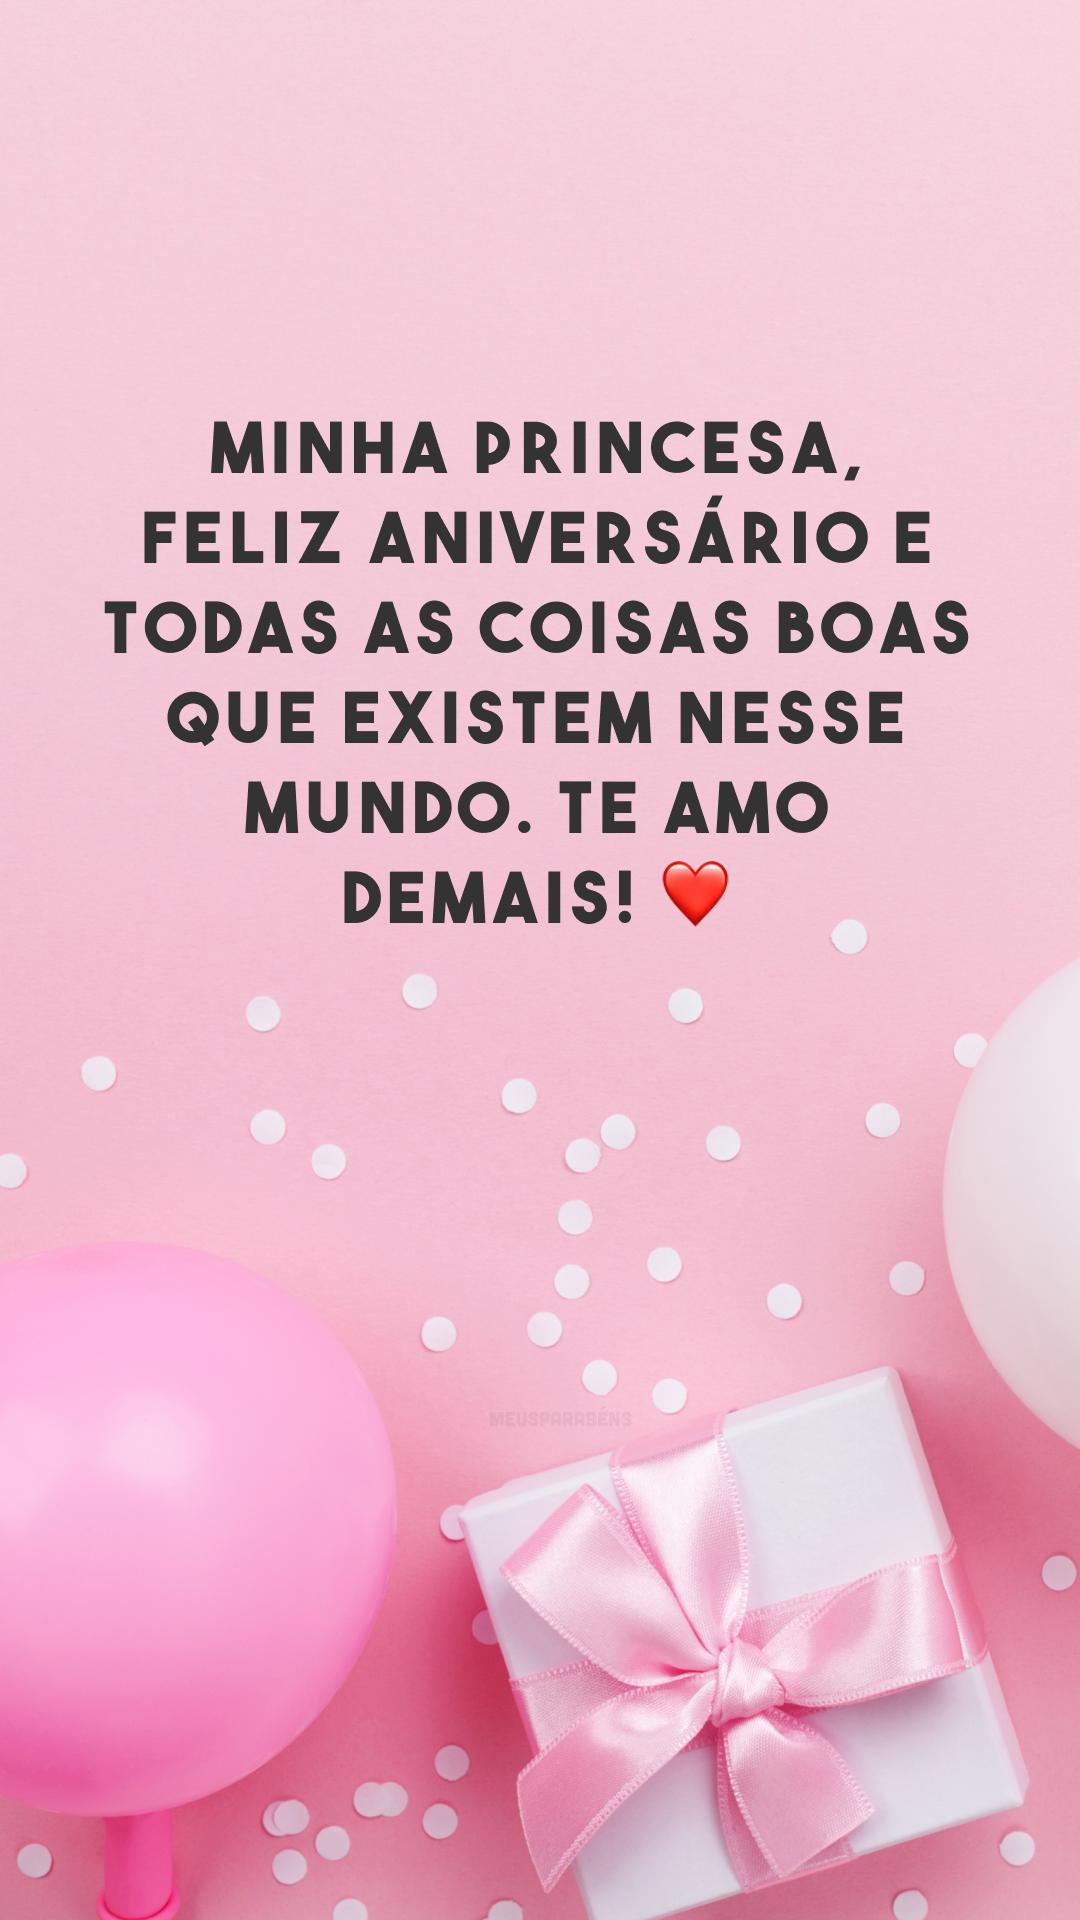 Minha princesa, feliz aniversário e todas as coisas boas que existem nesse mundo. Te amo demais! ❤️